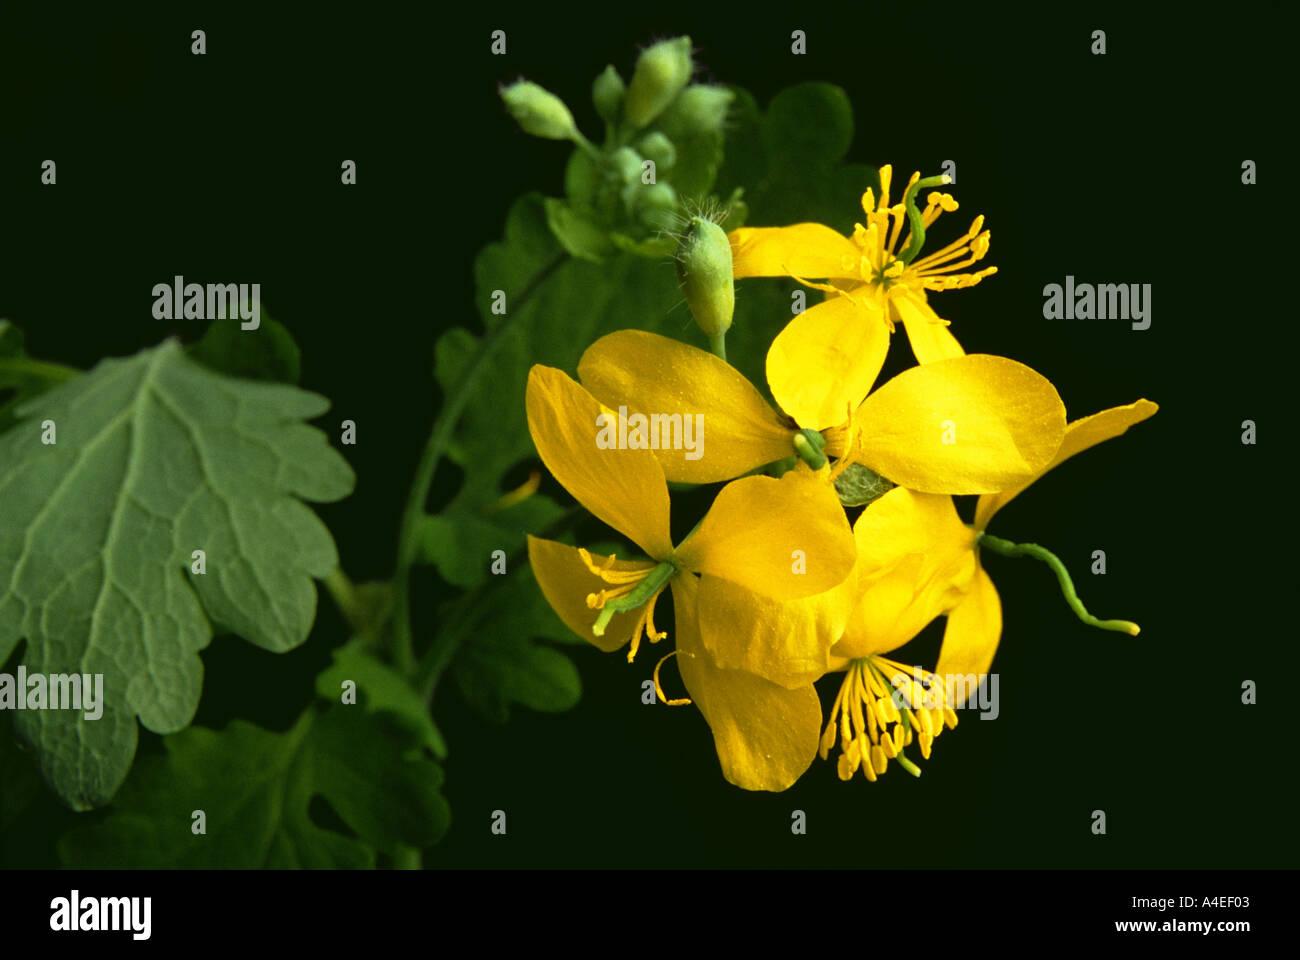 Plantas Medicinales Flores Amarillas De Schollkraut Celidonia